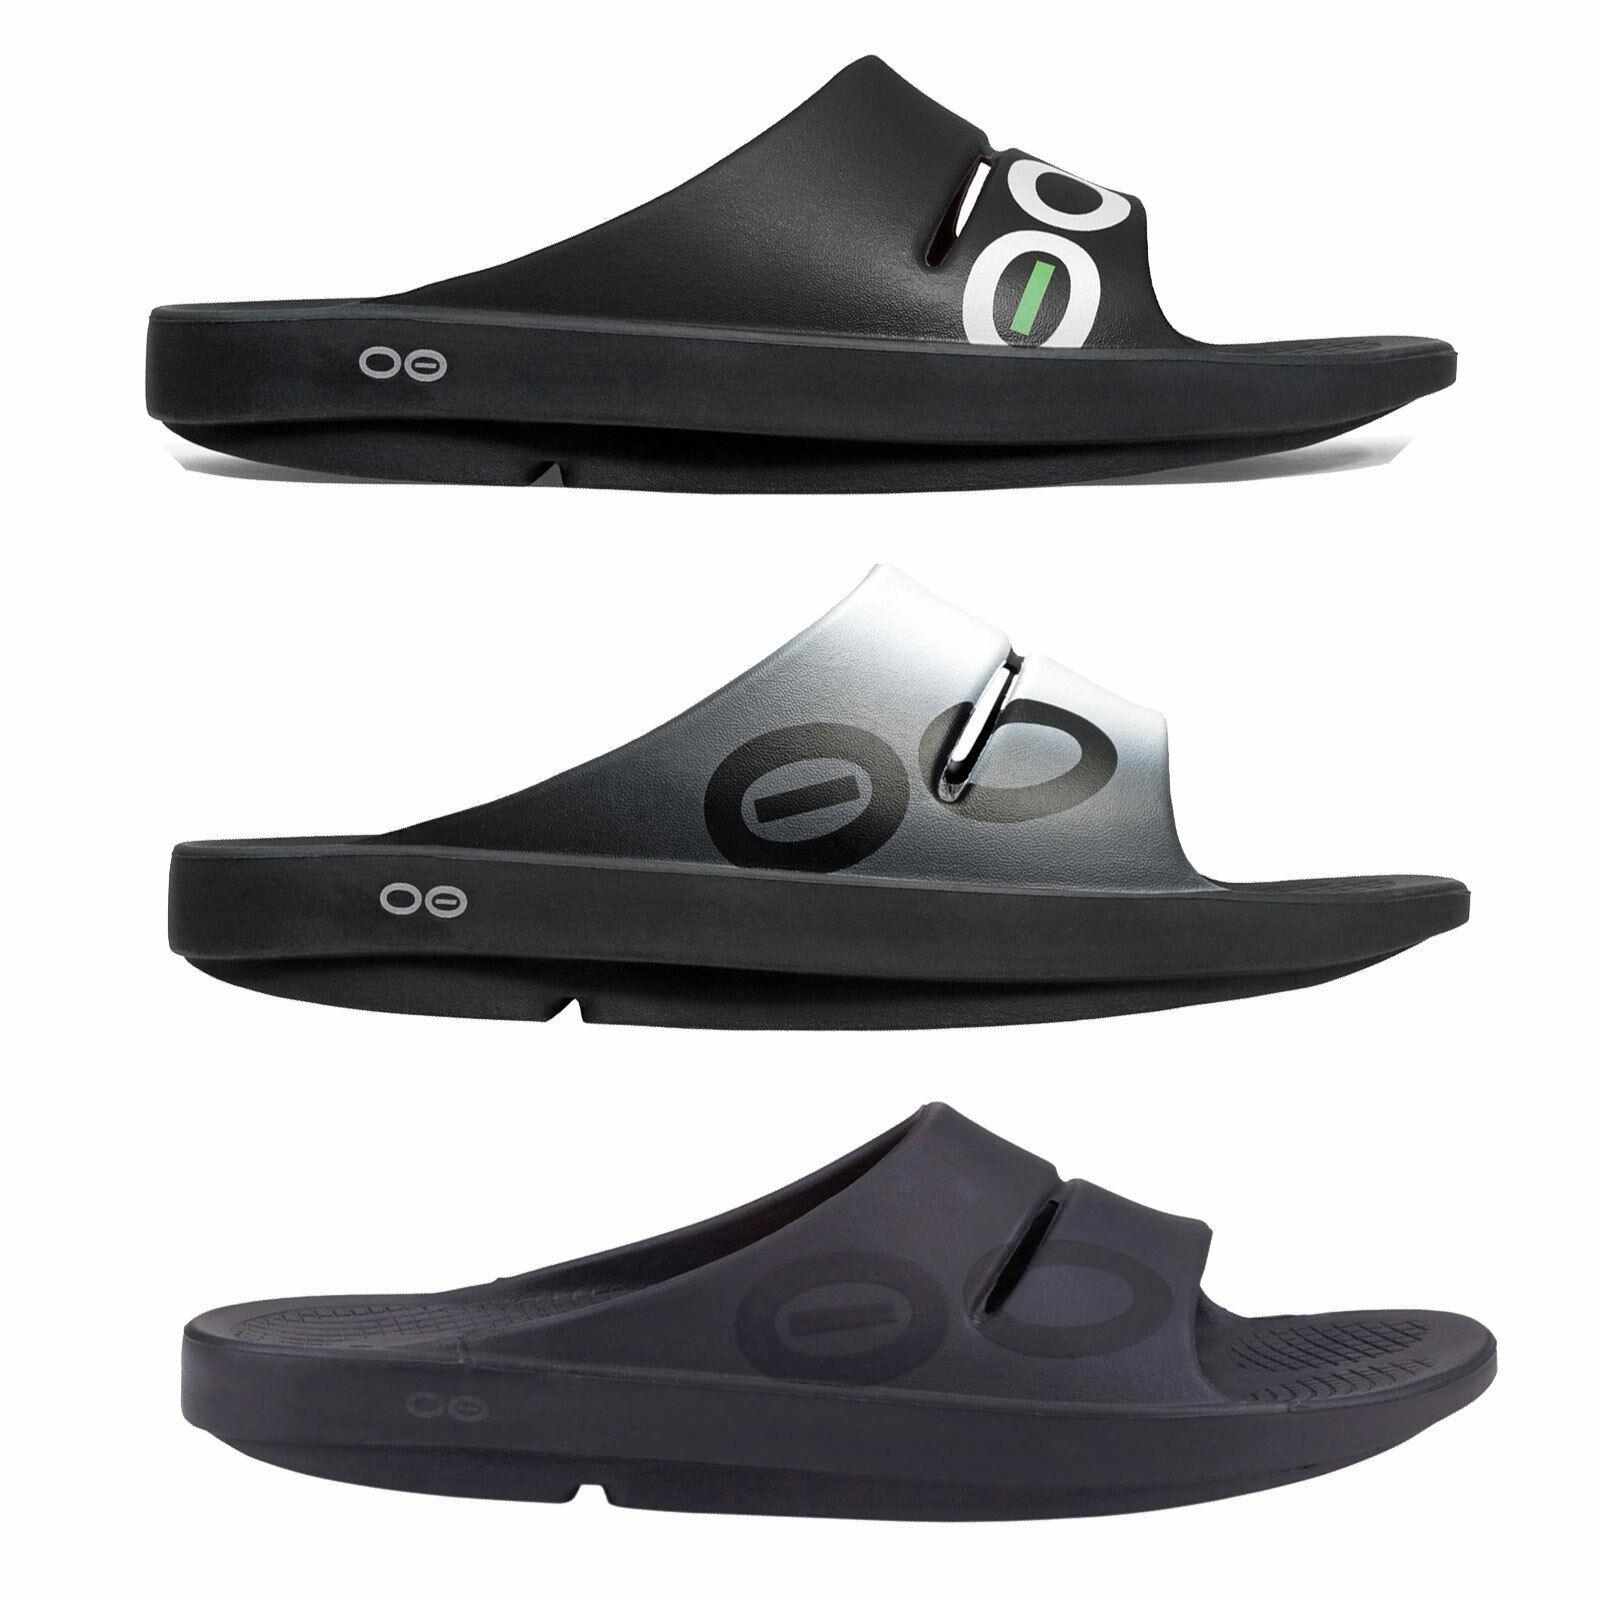 Oofos Ooah Ooah Ooah Sport Slippers I -stövlar strand sommar Water skor Slippers  försäljning online rabatt